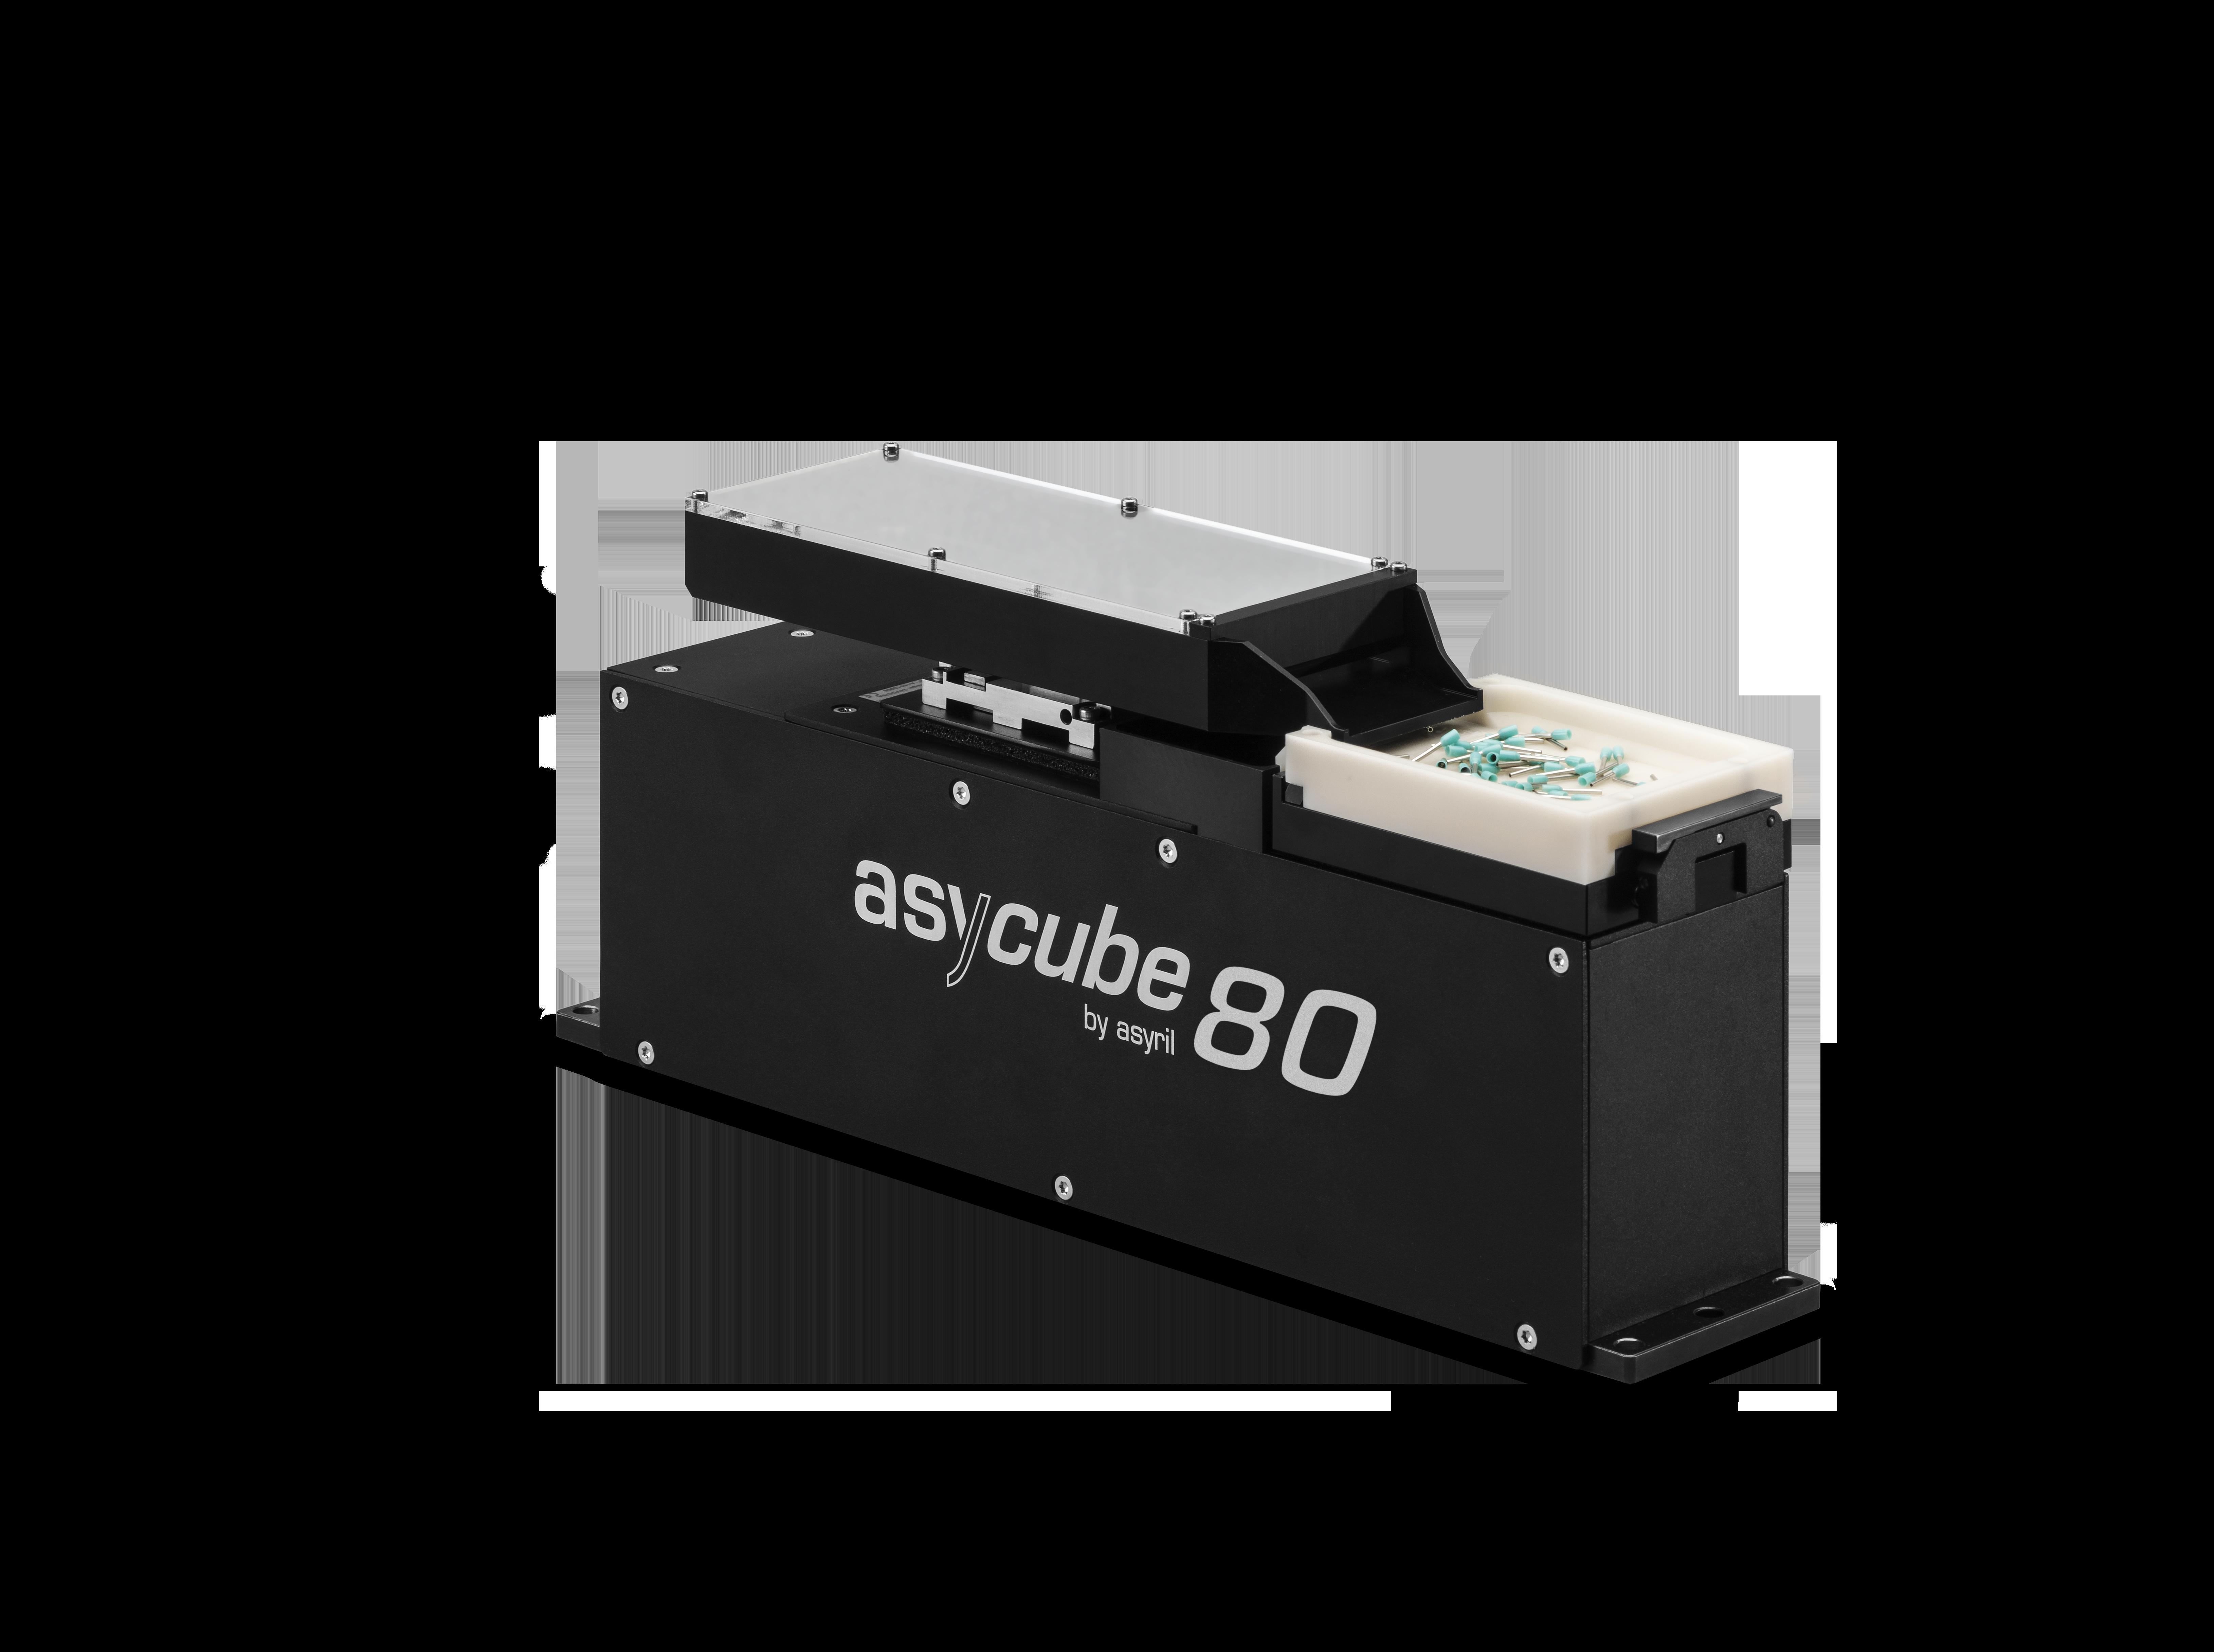 3 to 10 mm alimentación de piezas de alto rendimiento asyril asycube 80